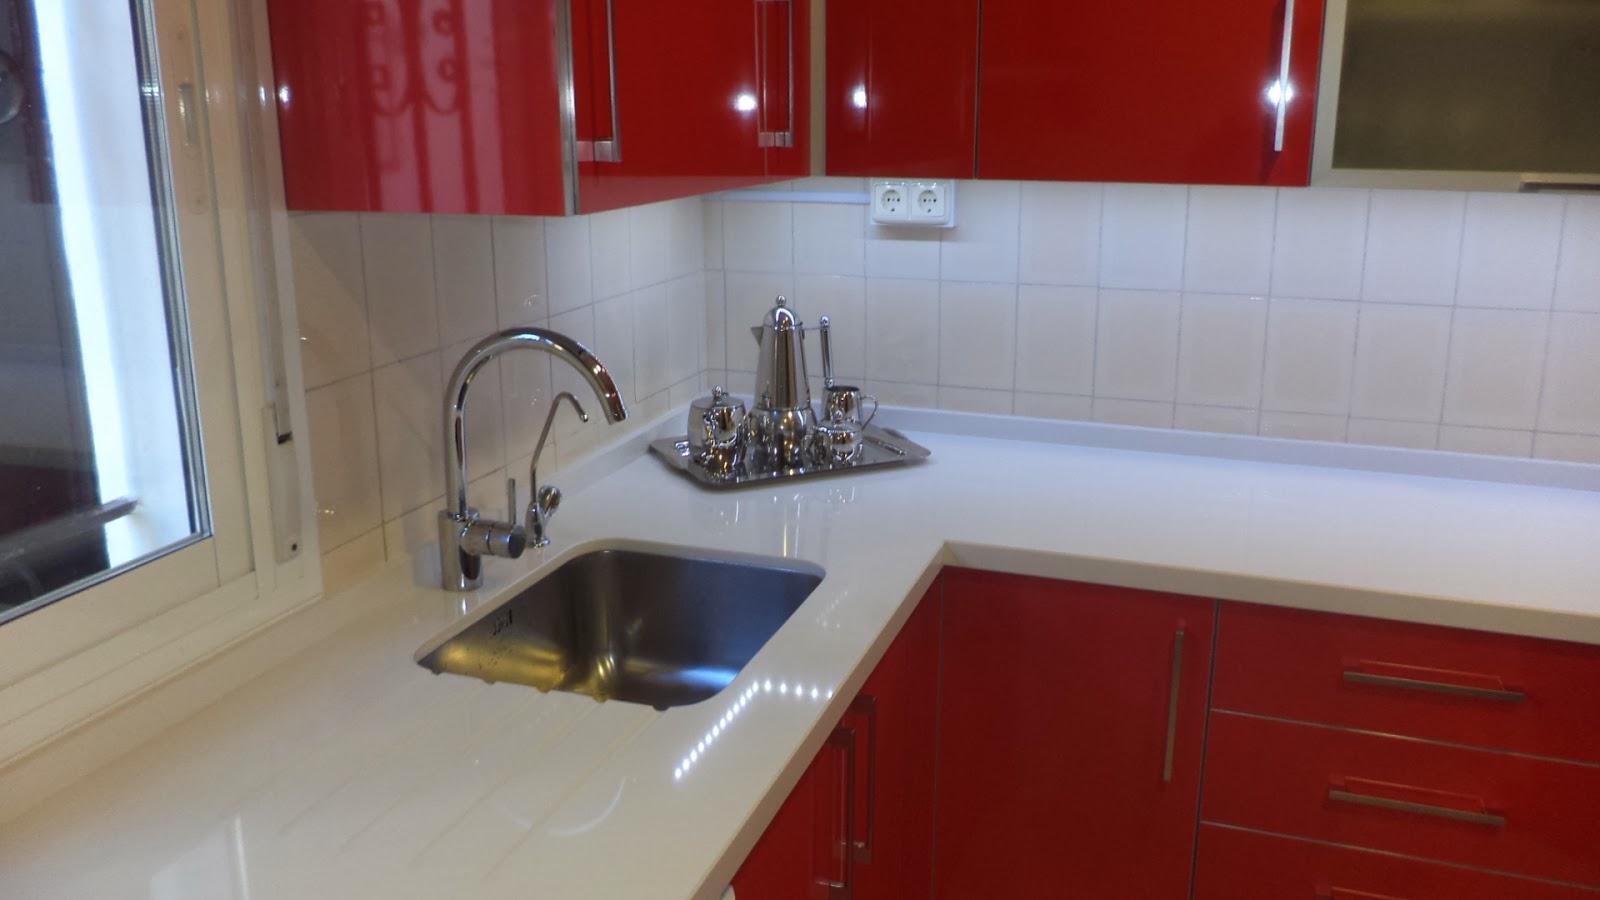 Muebles sevilla barbero 8 cocina en formica roja y Encimeras de cocina formica precios